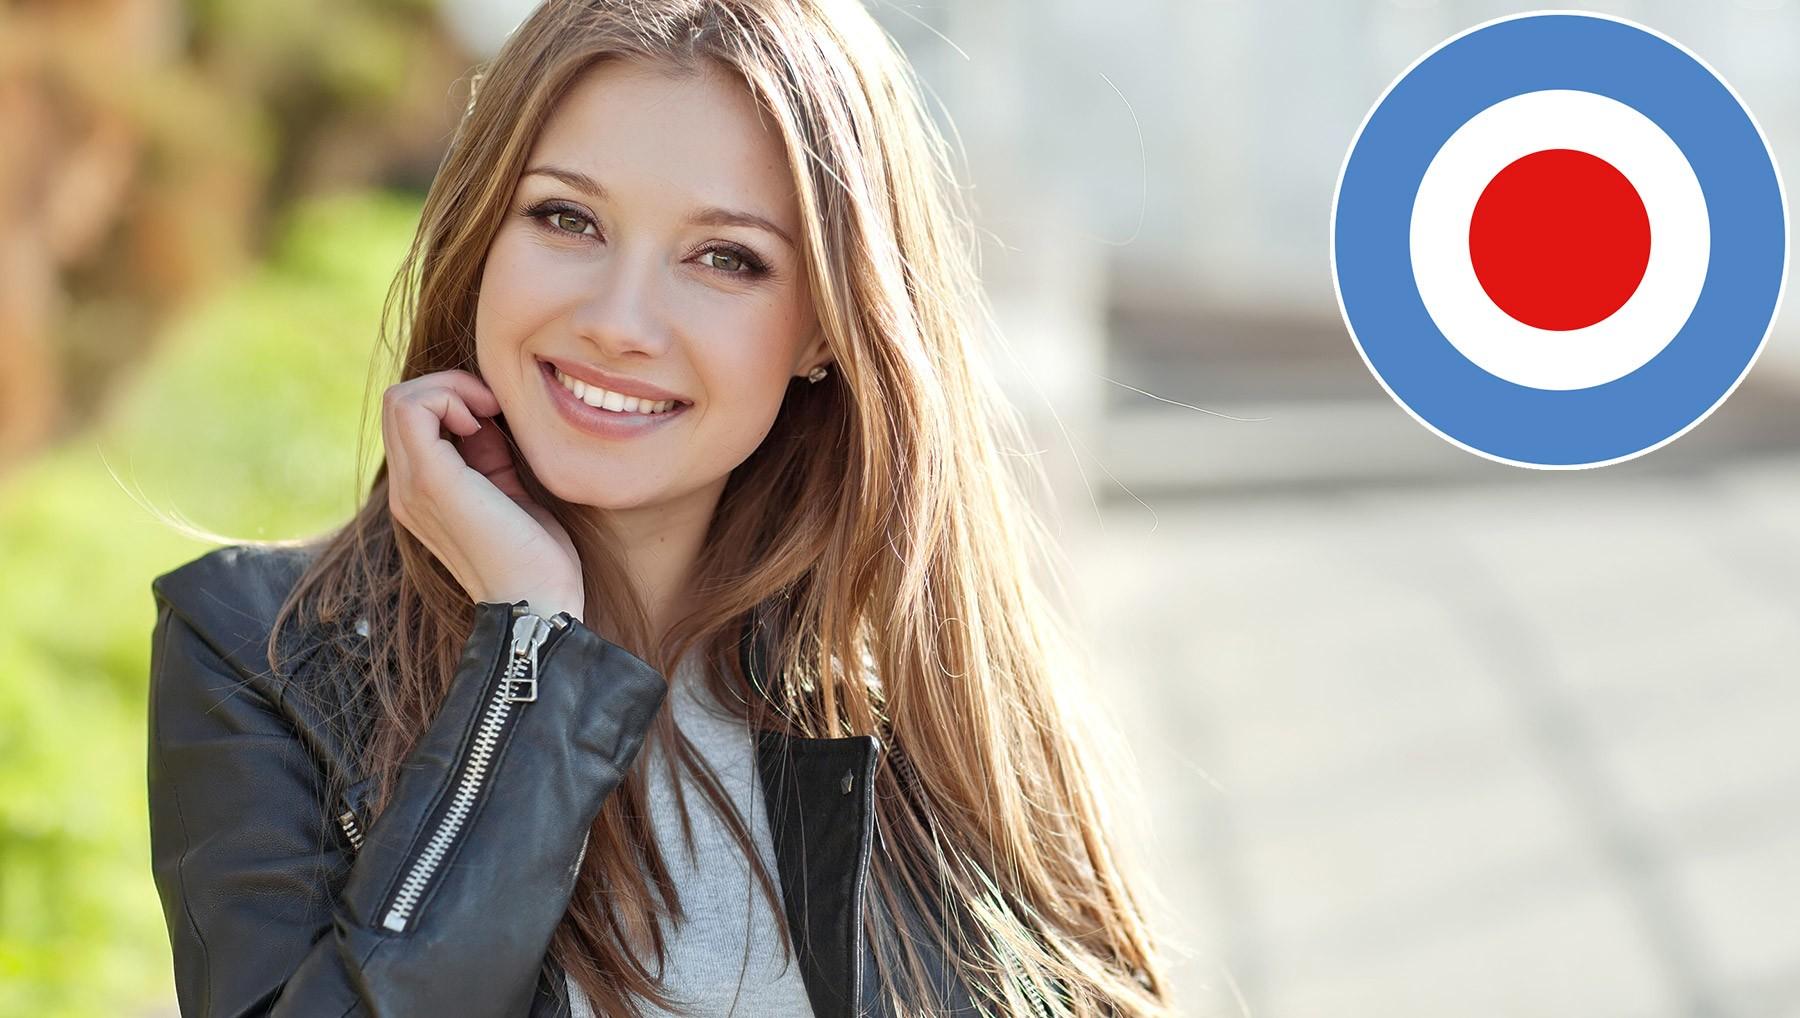 Singles Sdsterreich, Kontaktanzeigen aus Sdsterreich in